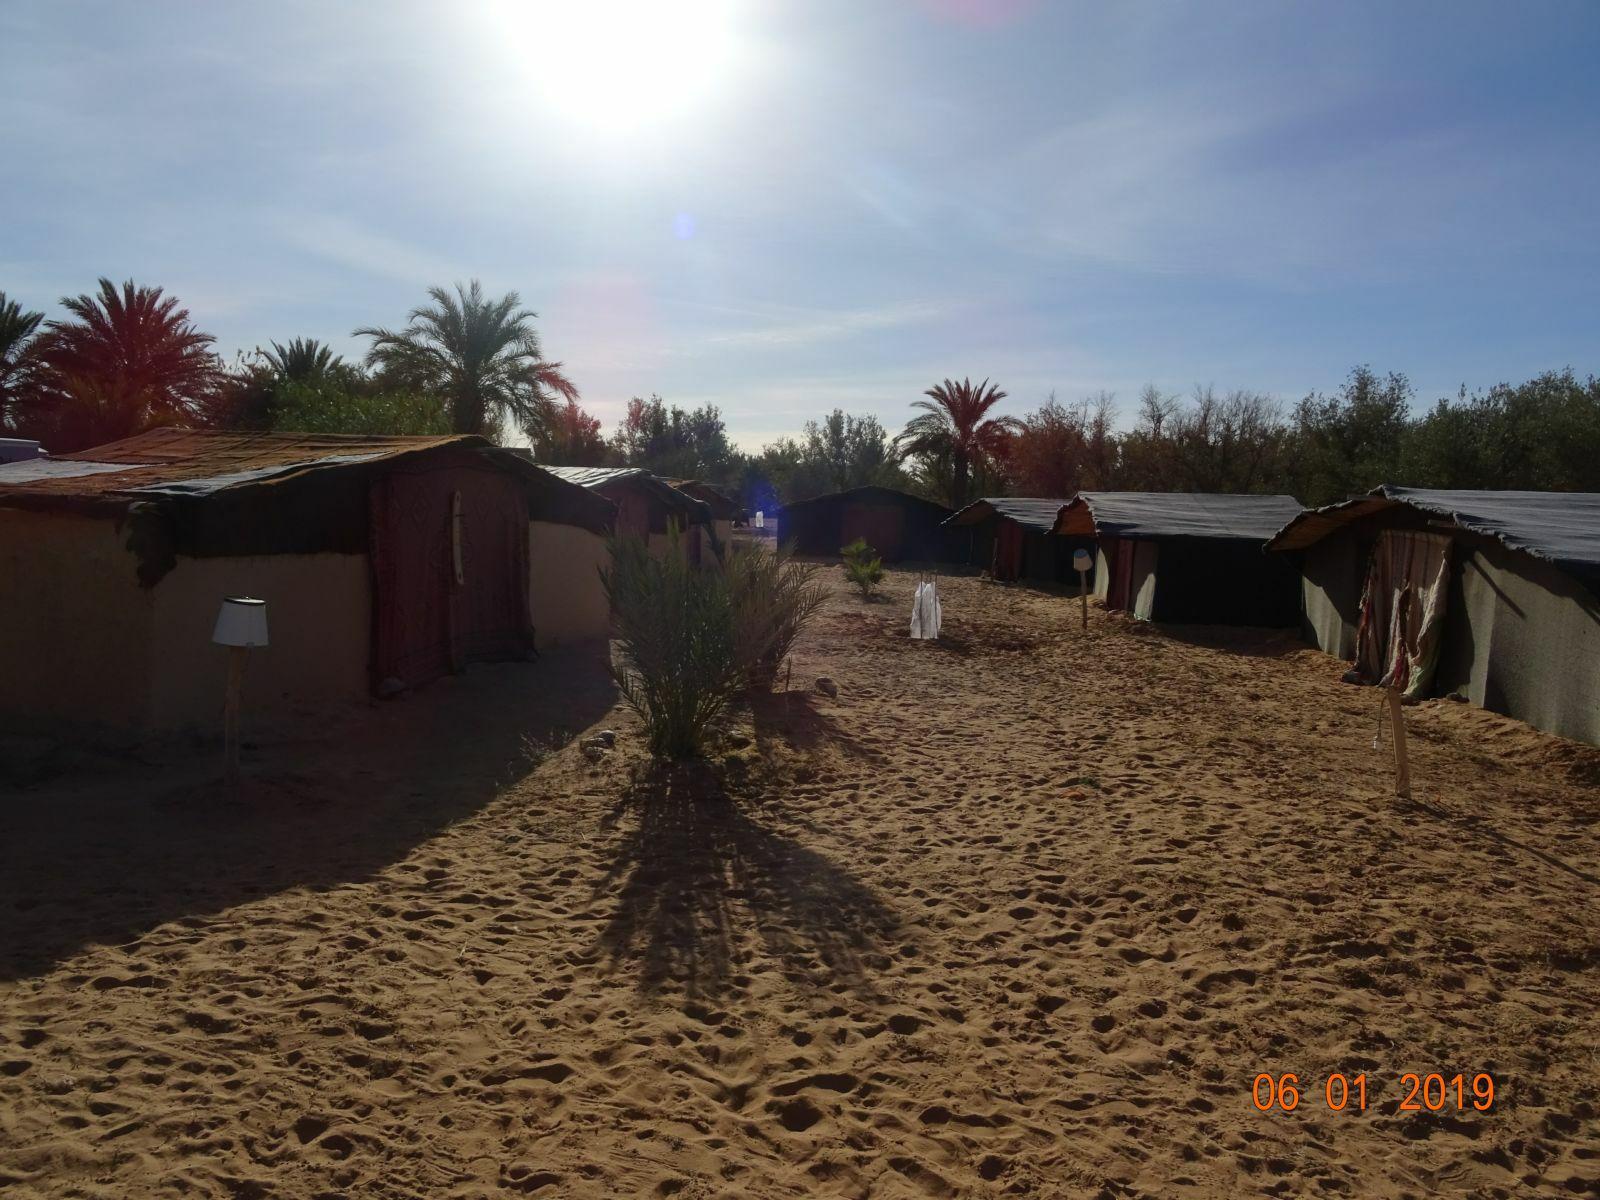 Les tentes berberes du camping